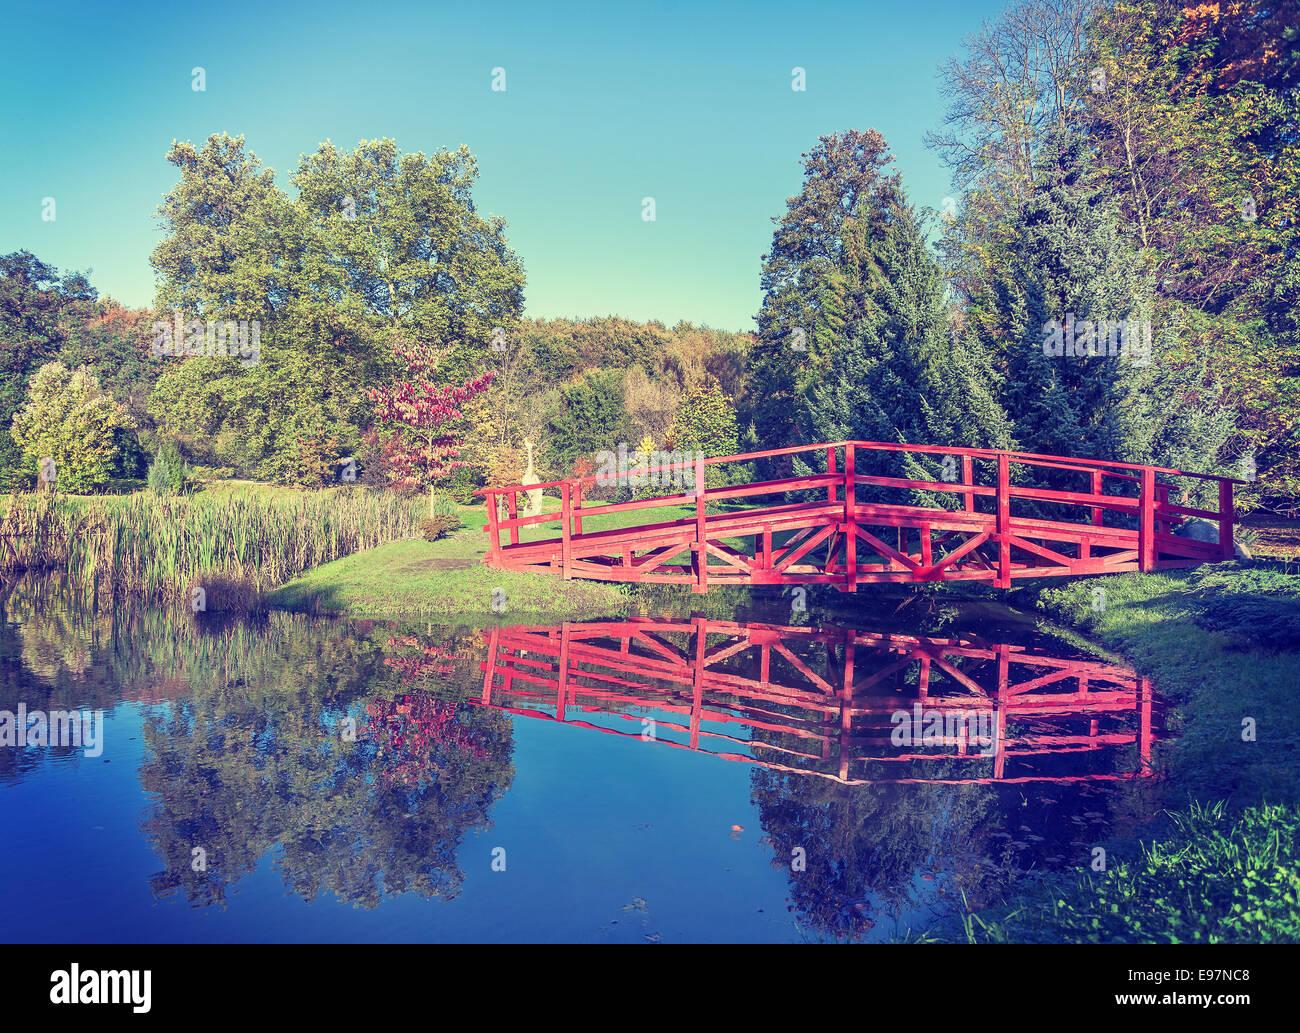 Retro Vintage photo filtrée de pont rouge dans le jardin. Photo Stock